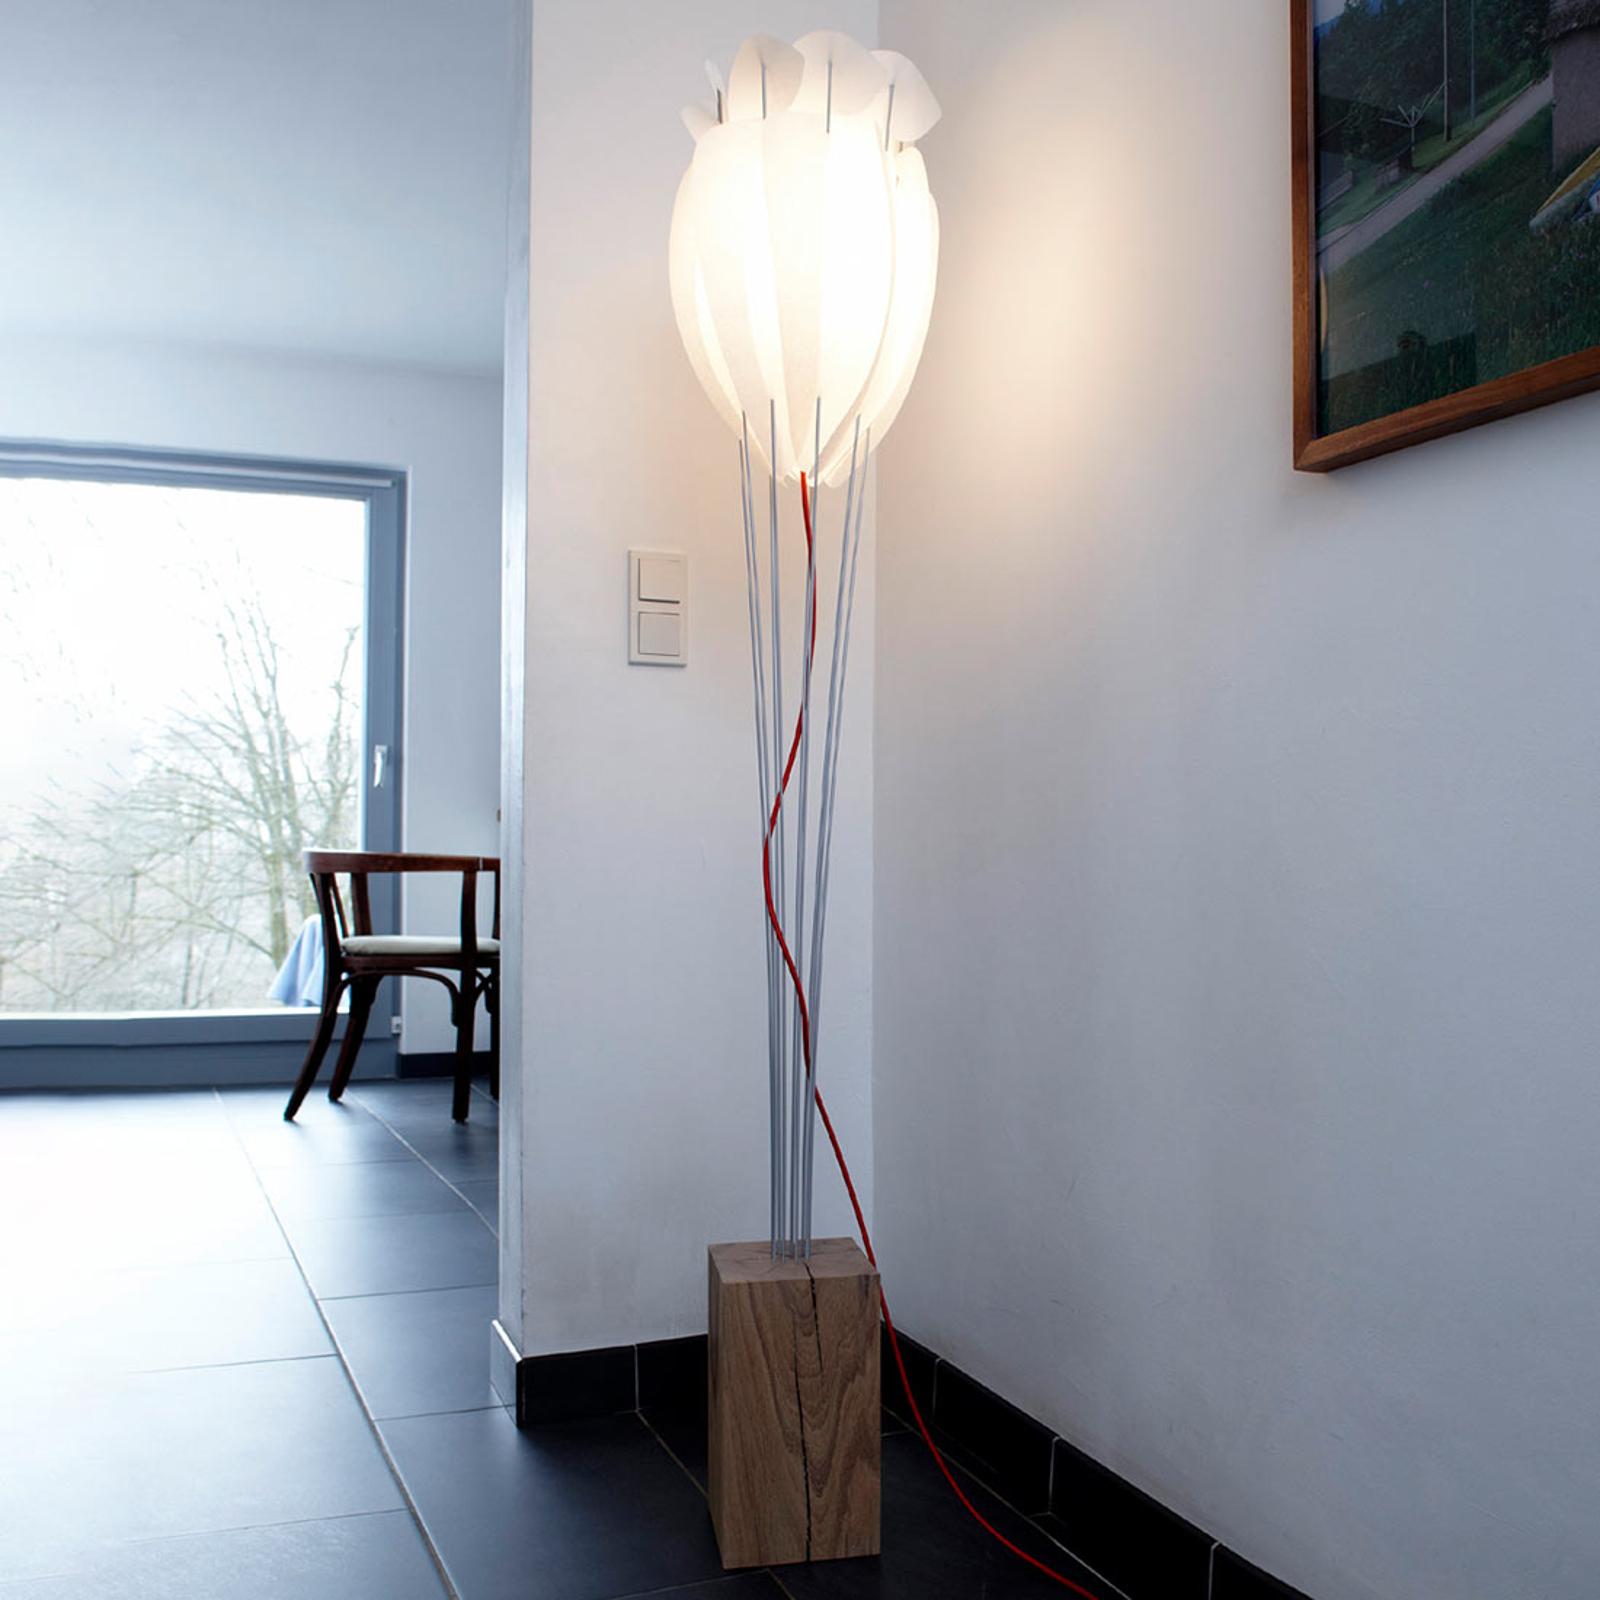 Stojací lampa Tulip s červeným kabelem, bílý dub